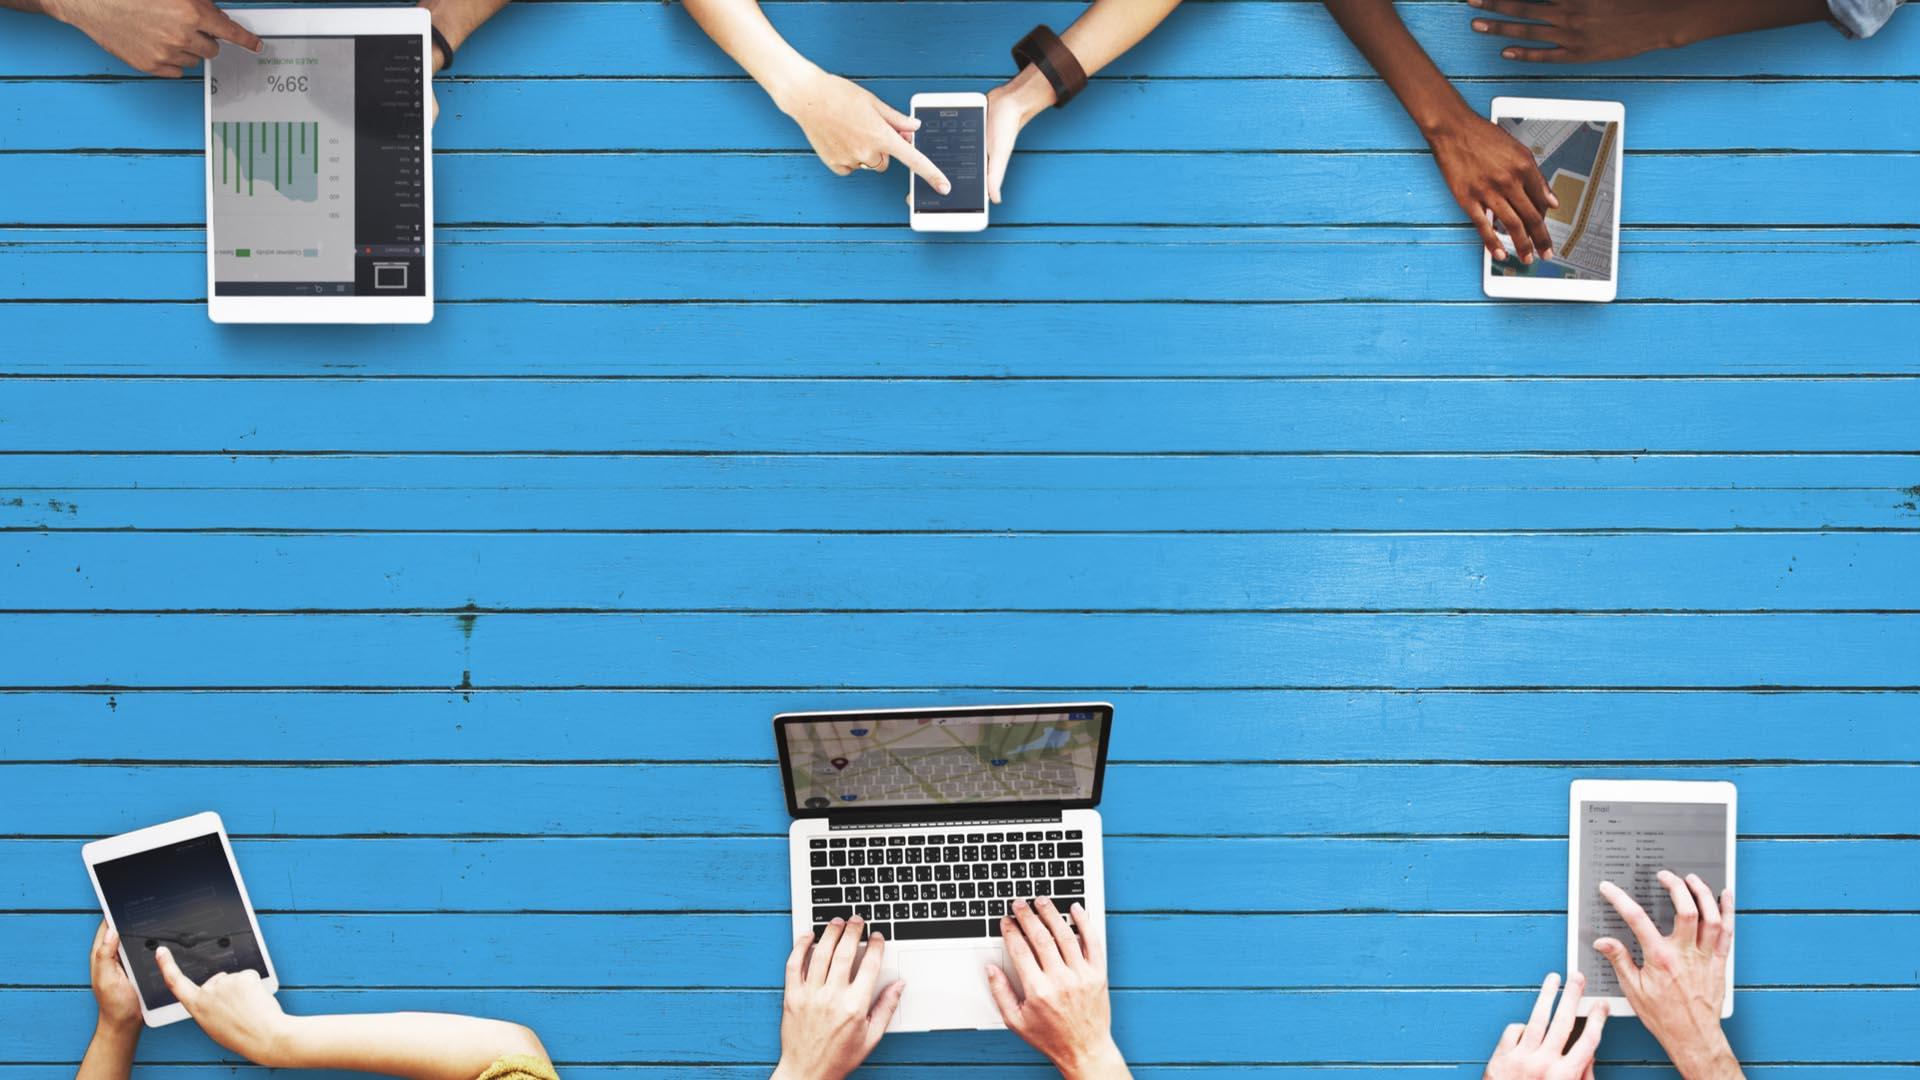 SEO e CRO: cosa sono e come usarle per posizionare un sito su Google